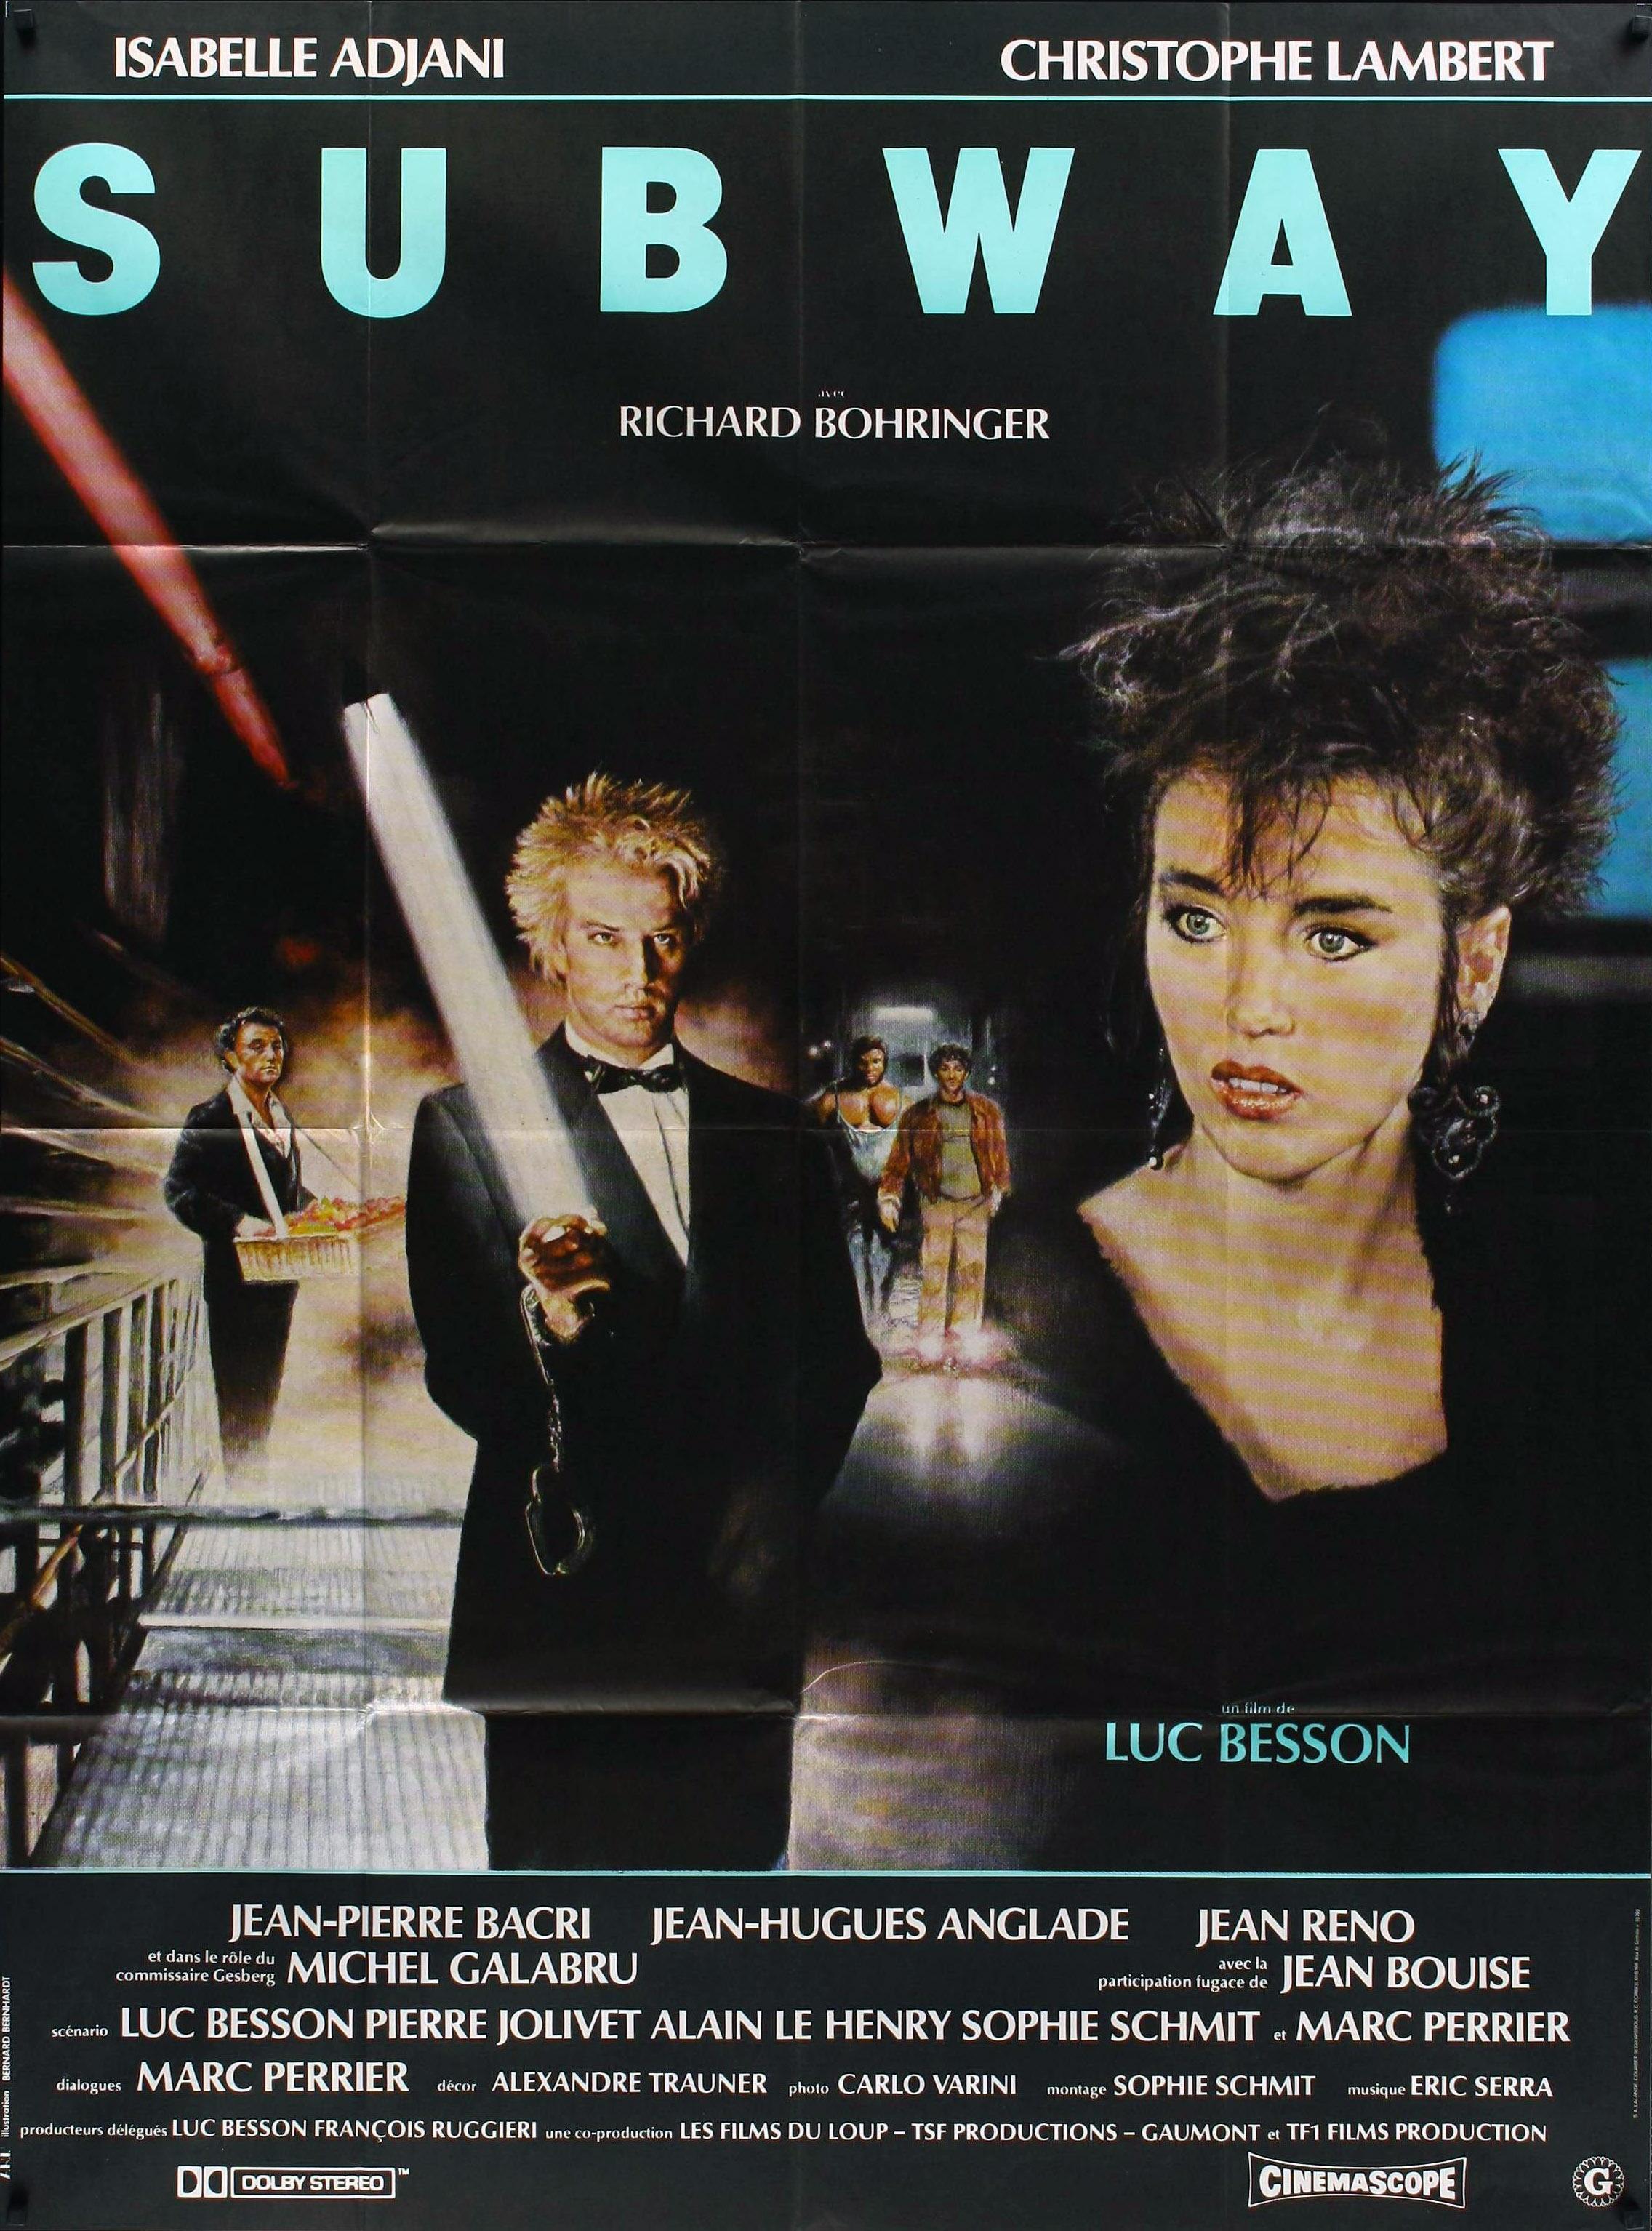 «Люк Бессон Список Фильмов» — 2008